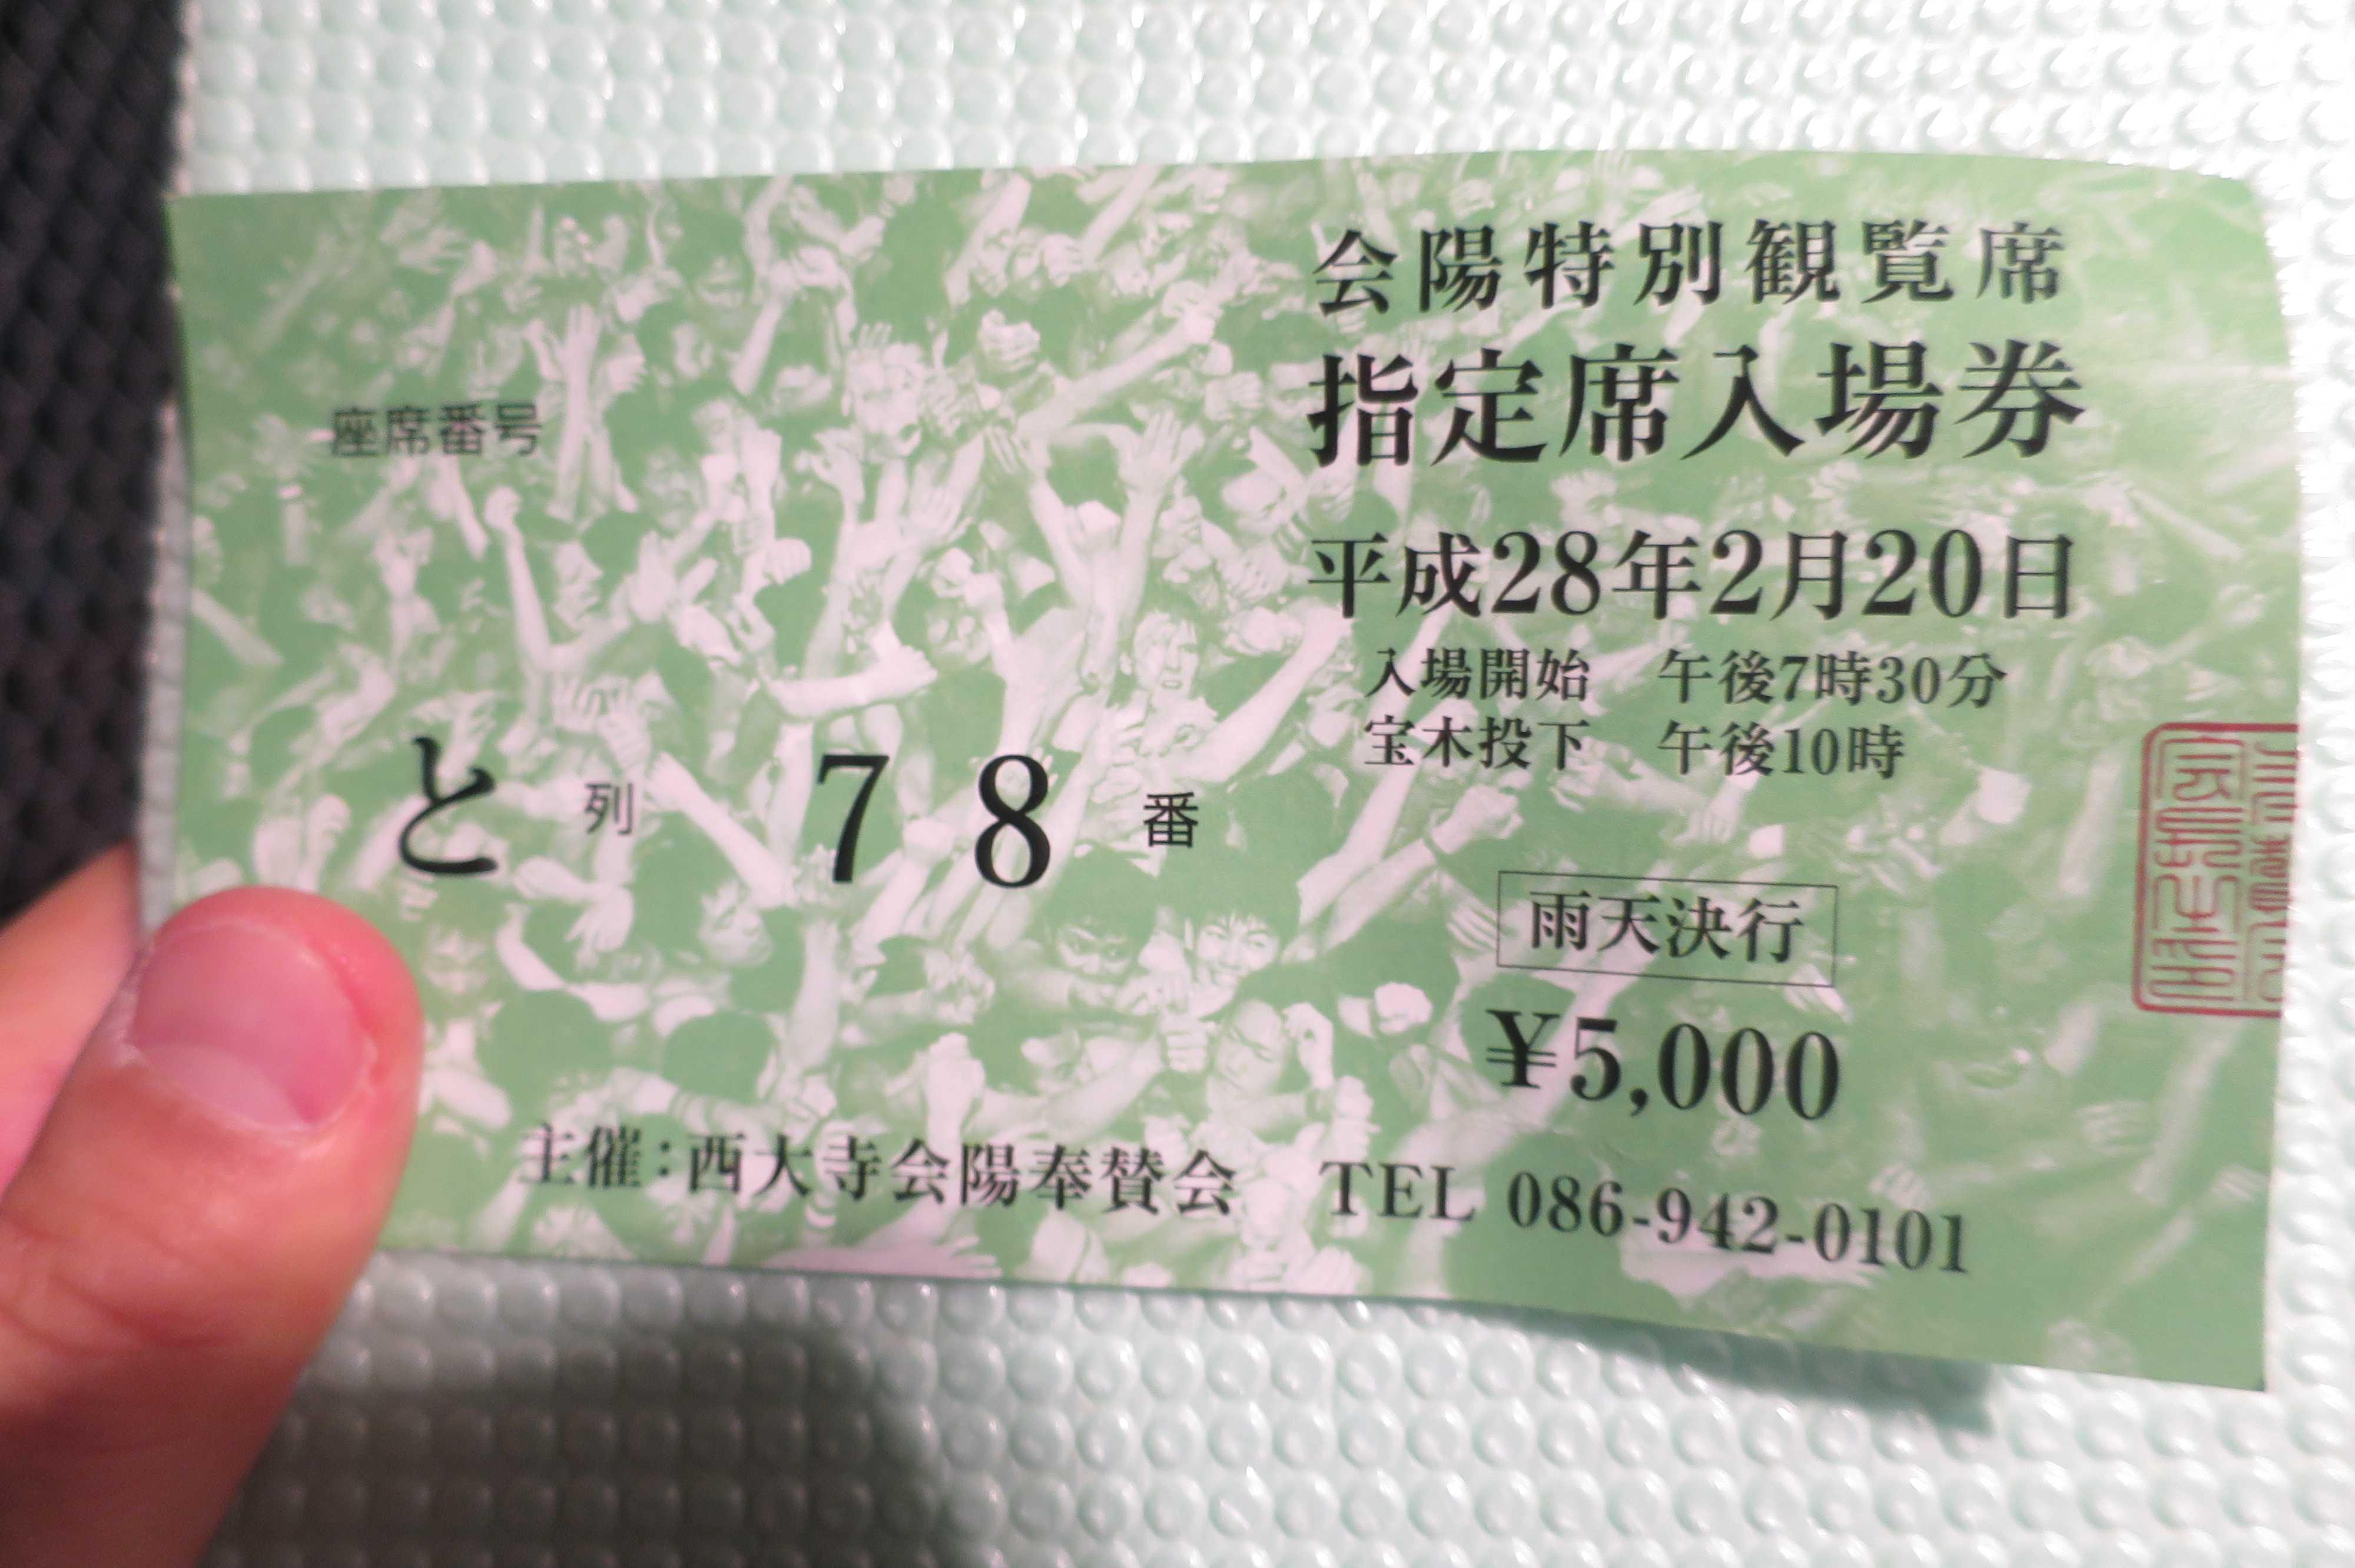 西大寺会陽 会陽特別観覧席 指定席入場券